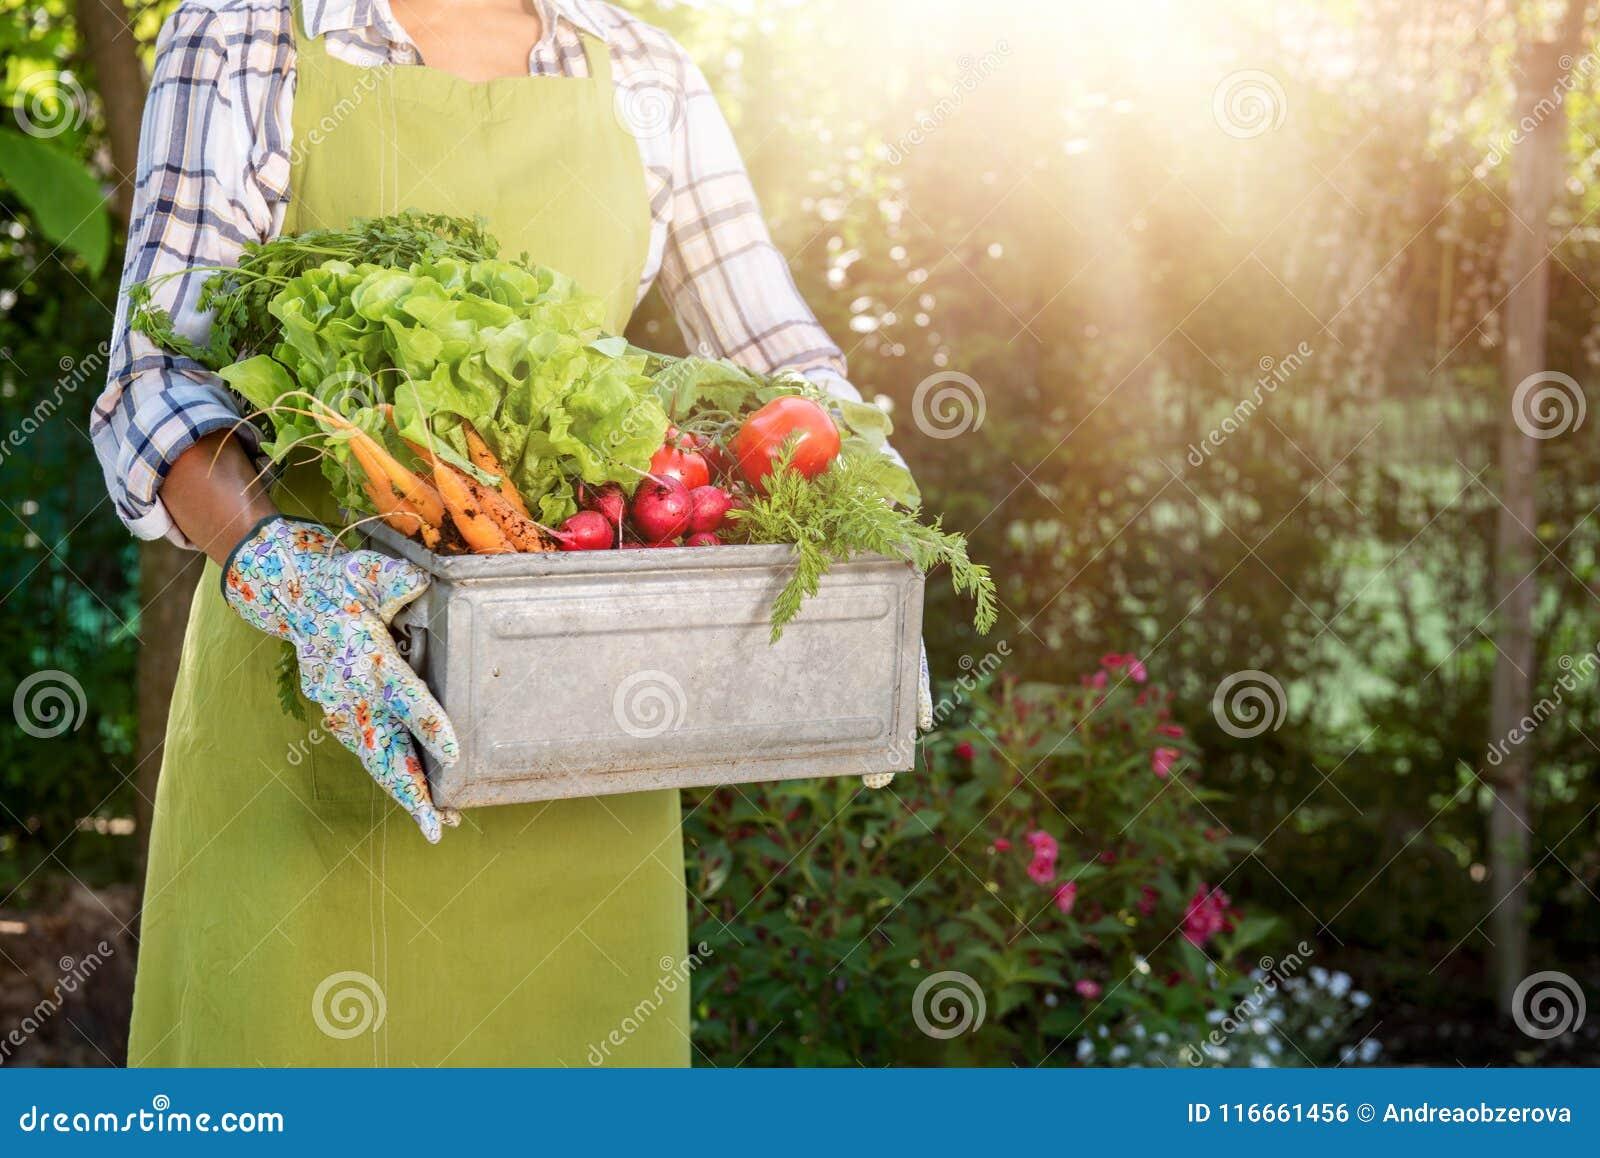 Granjero de sexo femenino irreconocible que sostiene el cajón lleno de verduras recién cosechadas en su jardín Bio producción de